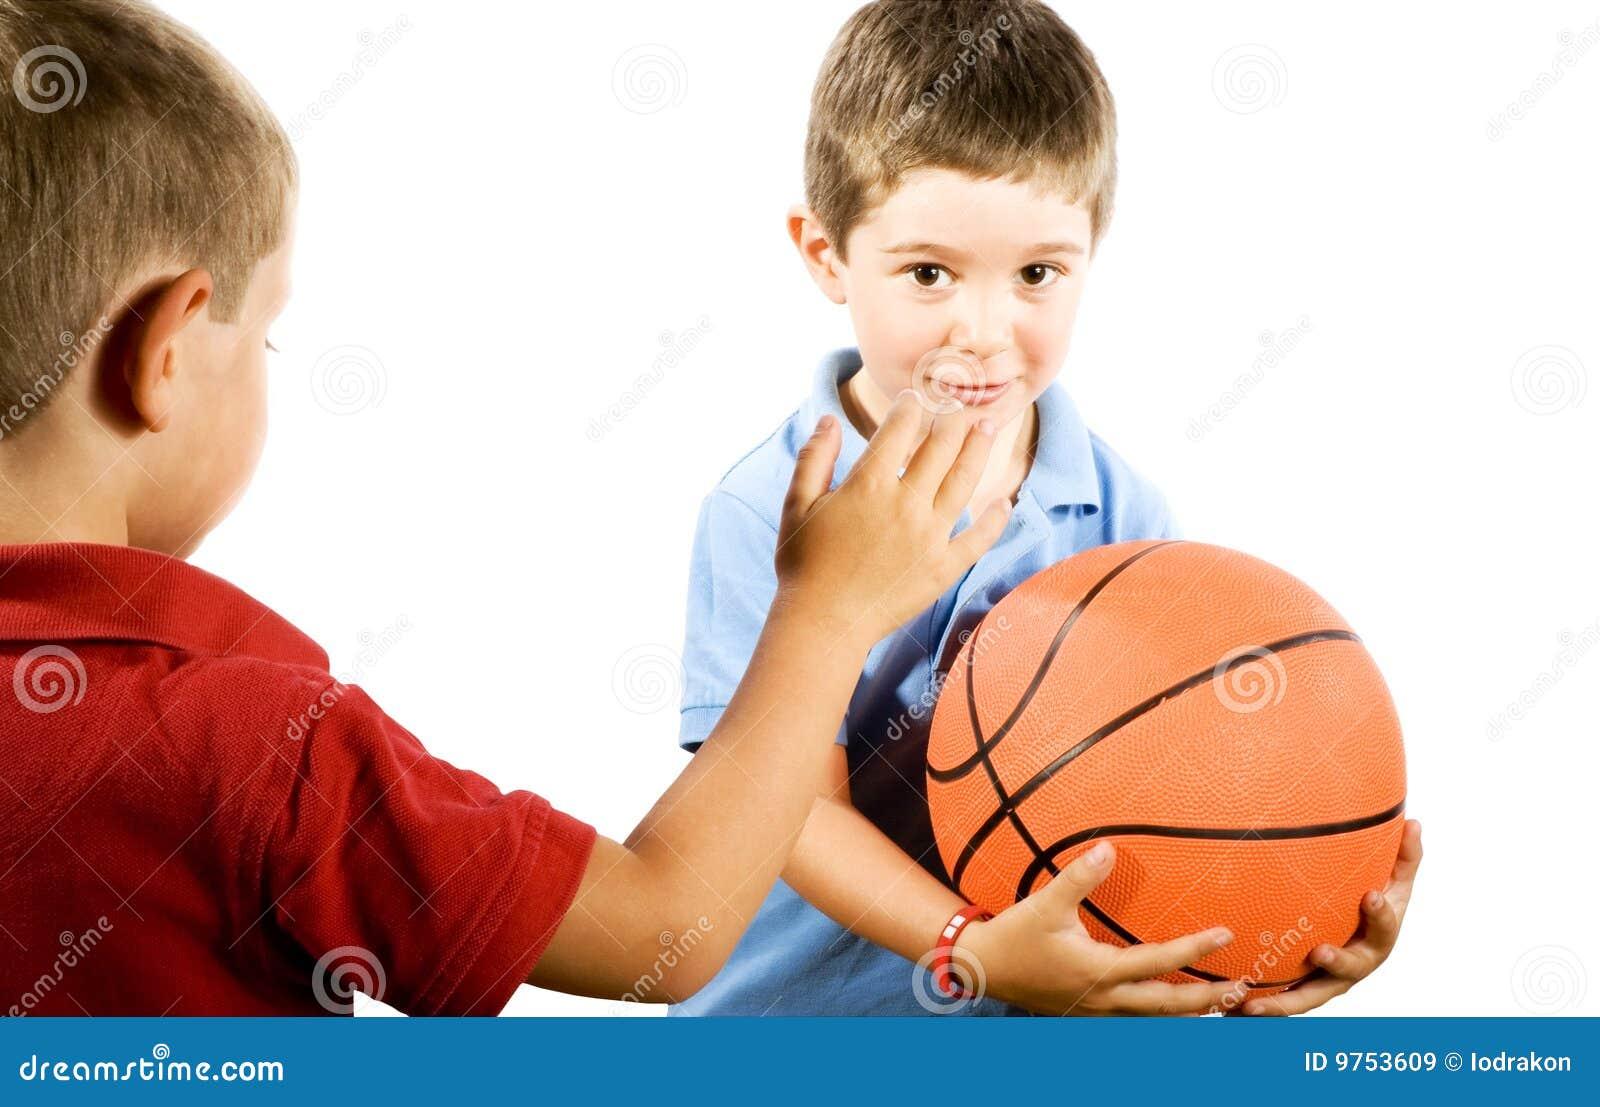 Cabritos que juegan a baloncesto